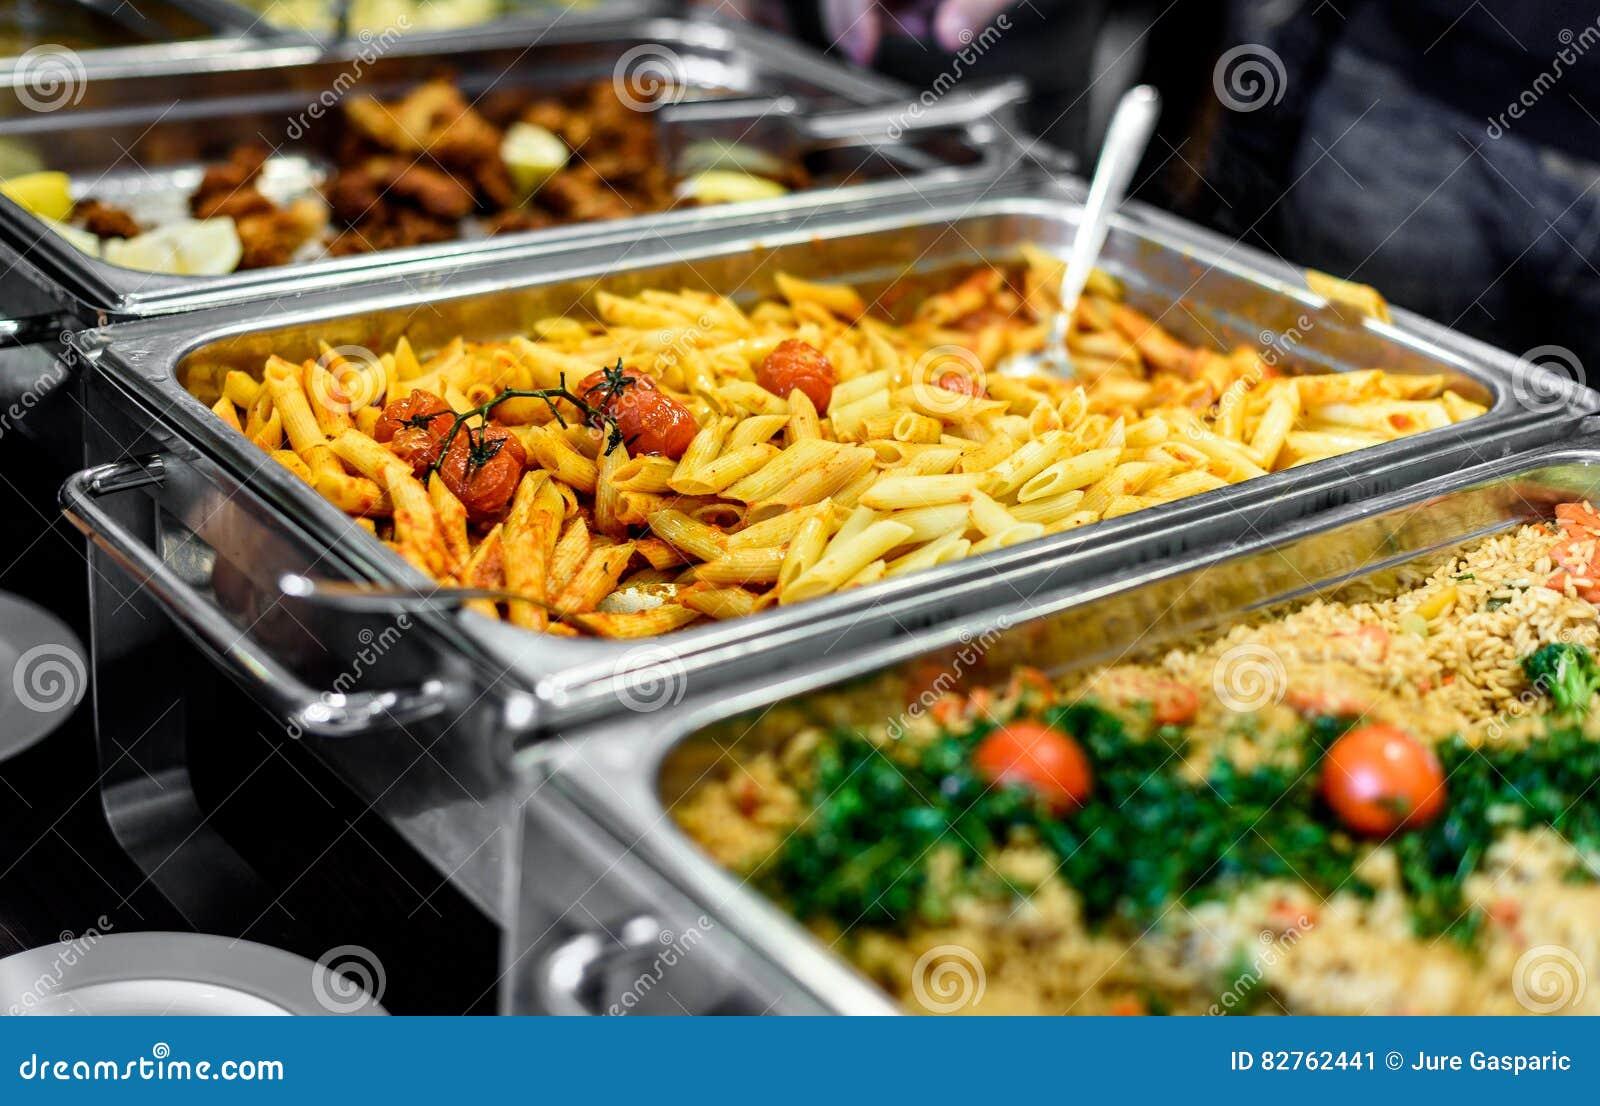 Approvvigionamento culinario della cena del buffet di cucina che pranza celebrazione dell alimento